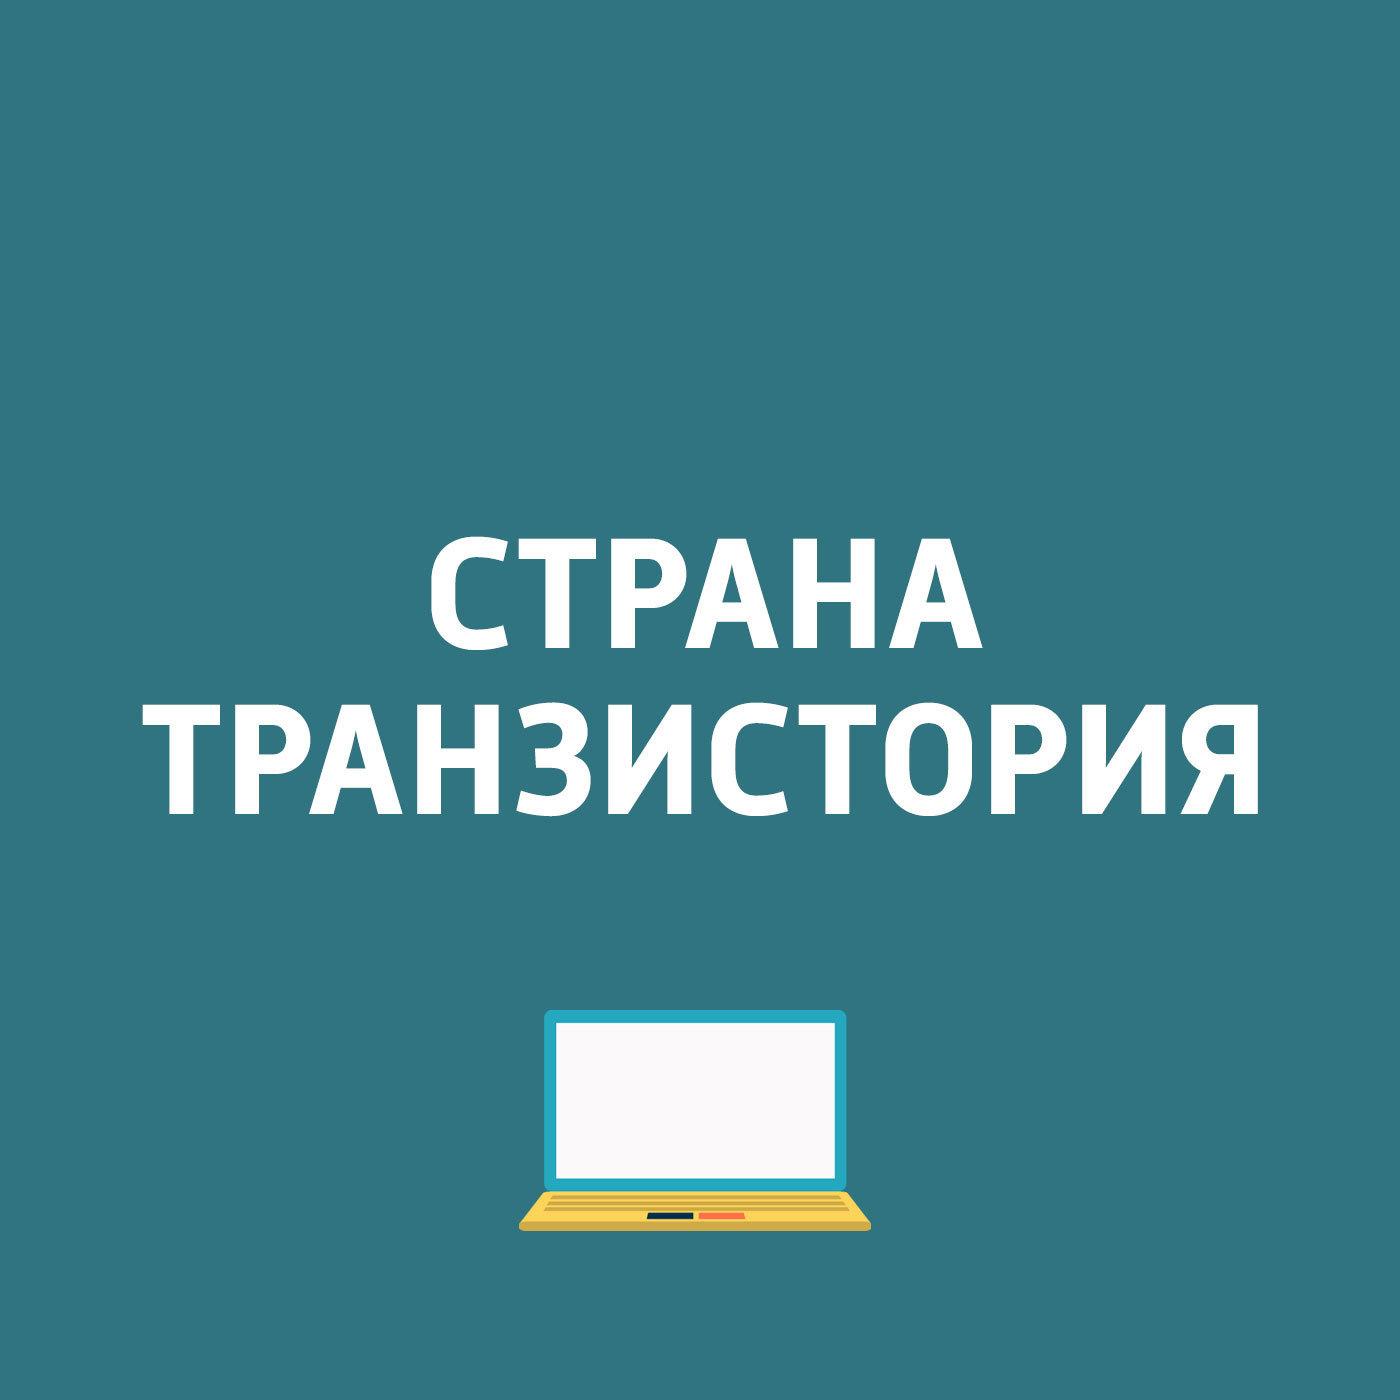 Картаев Павел ZTE Nubia Z17 mini; Домен .RU отмечает день рождения...